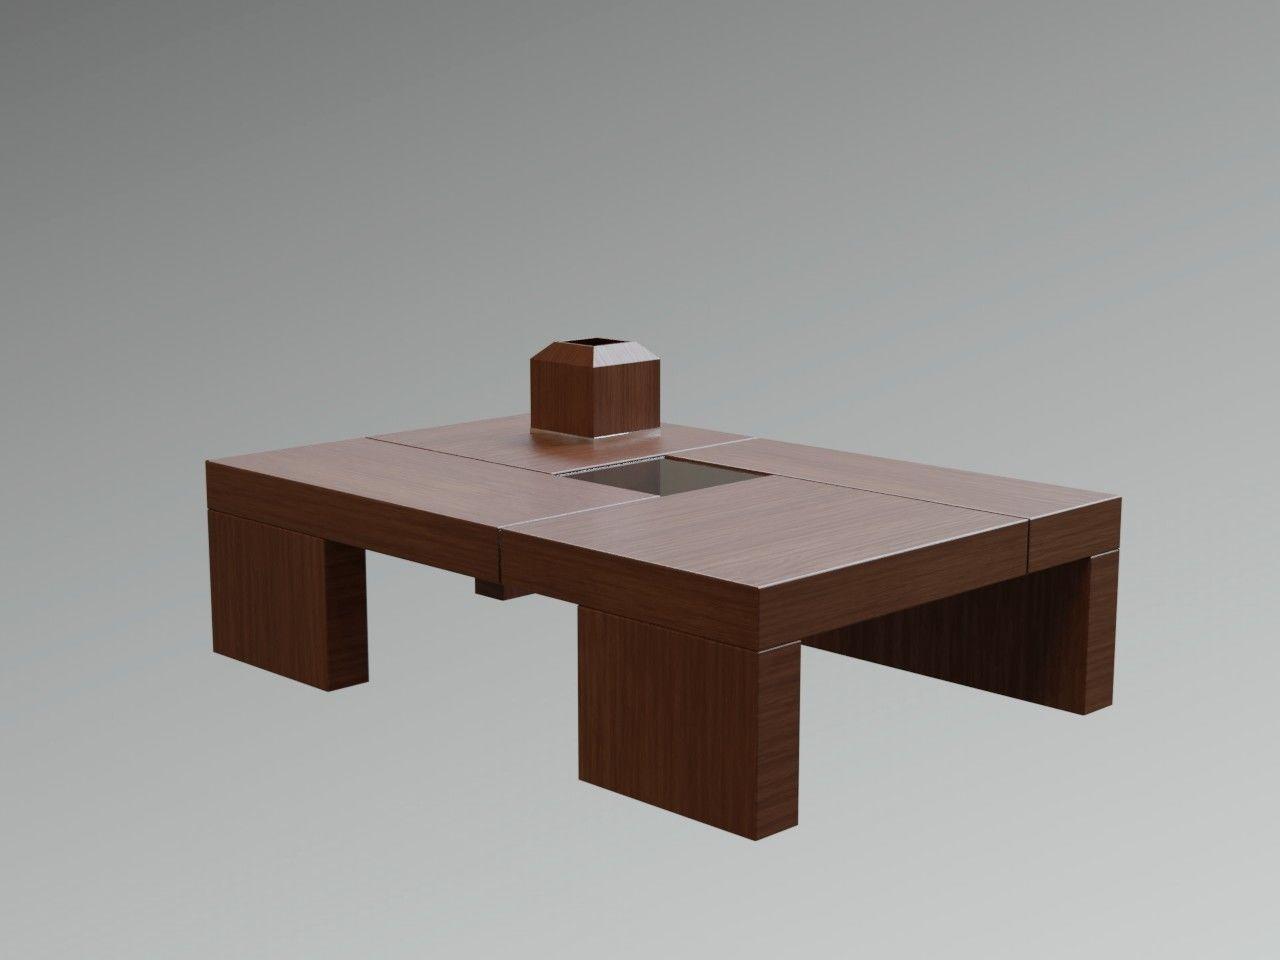 Zen Anese Modern Wooden Coffee Table Lowpoly Model